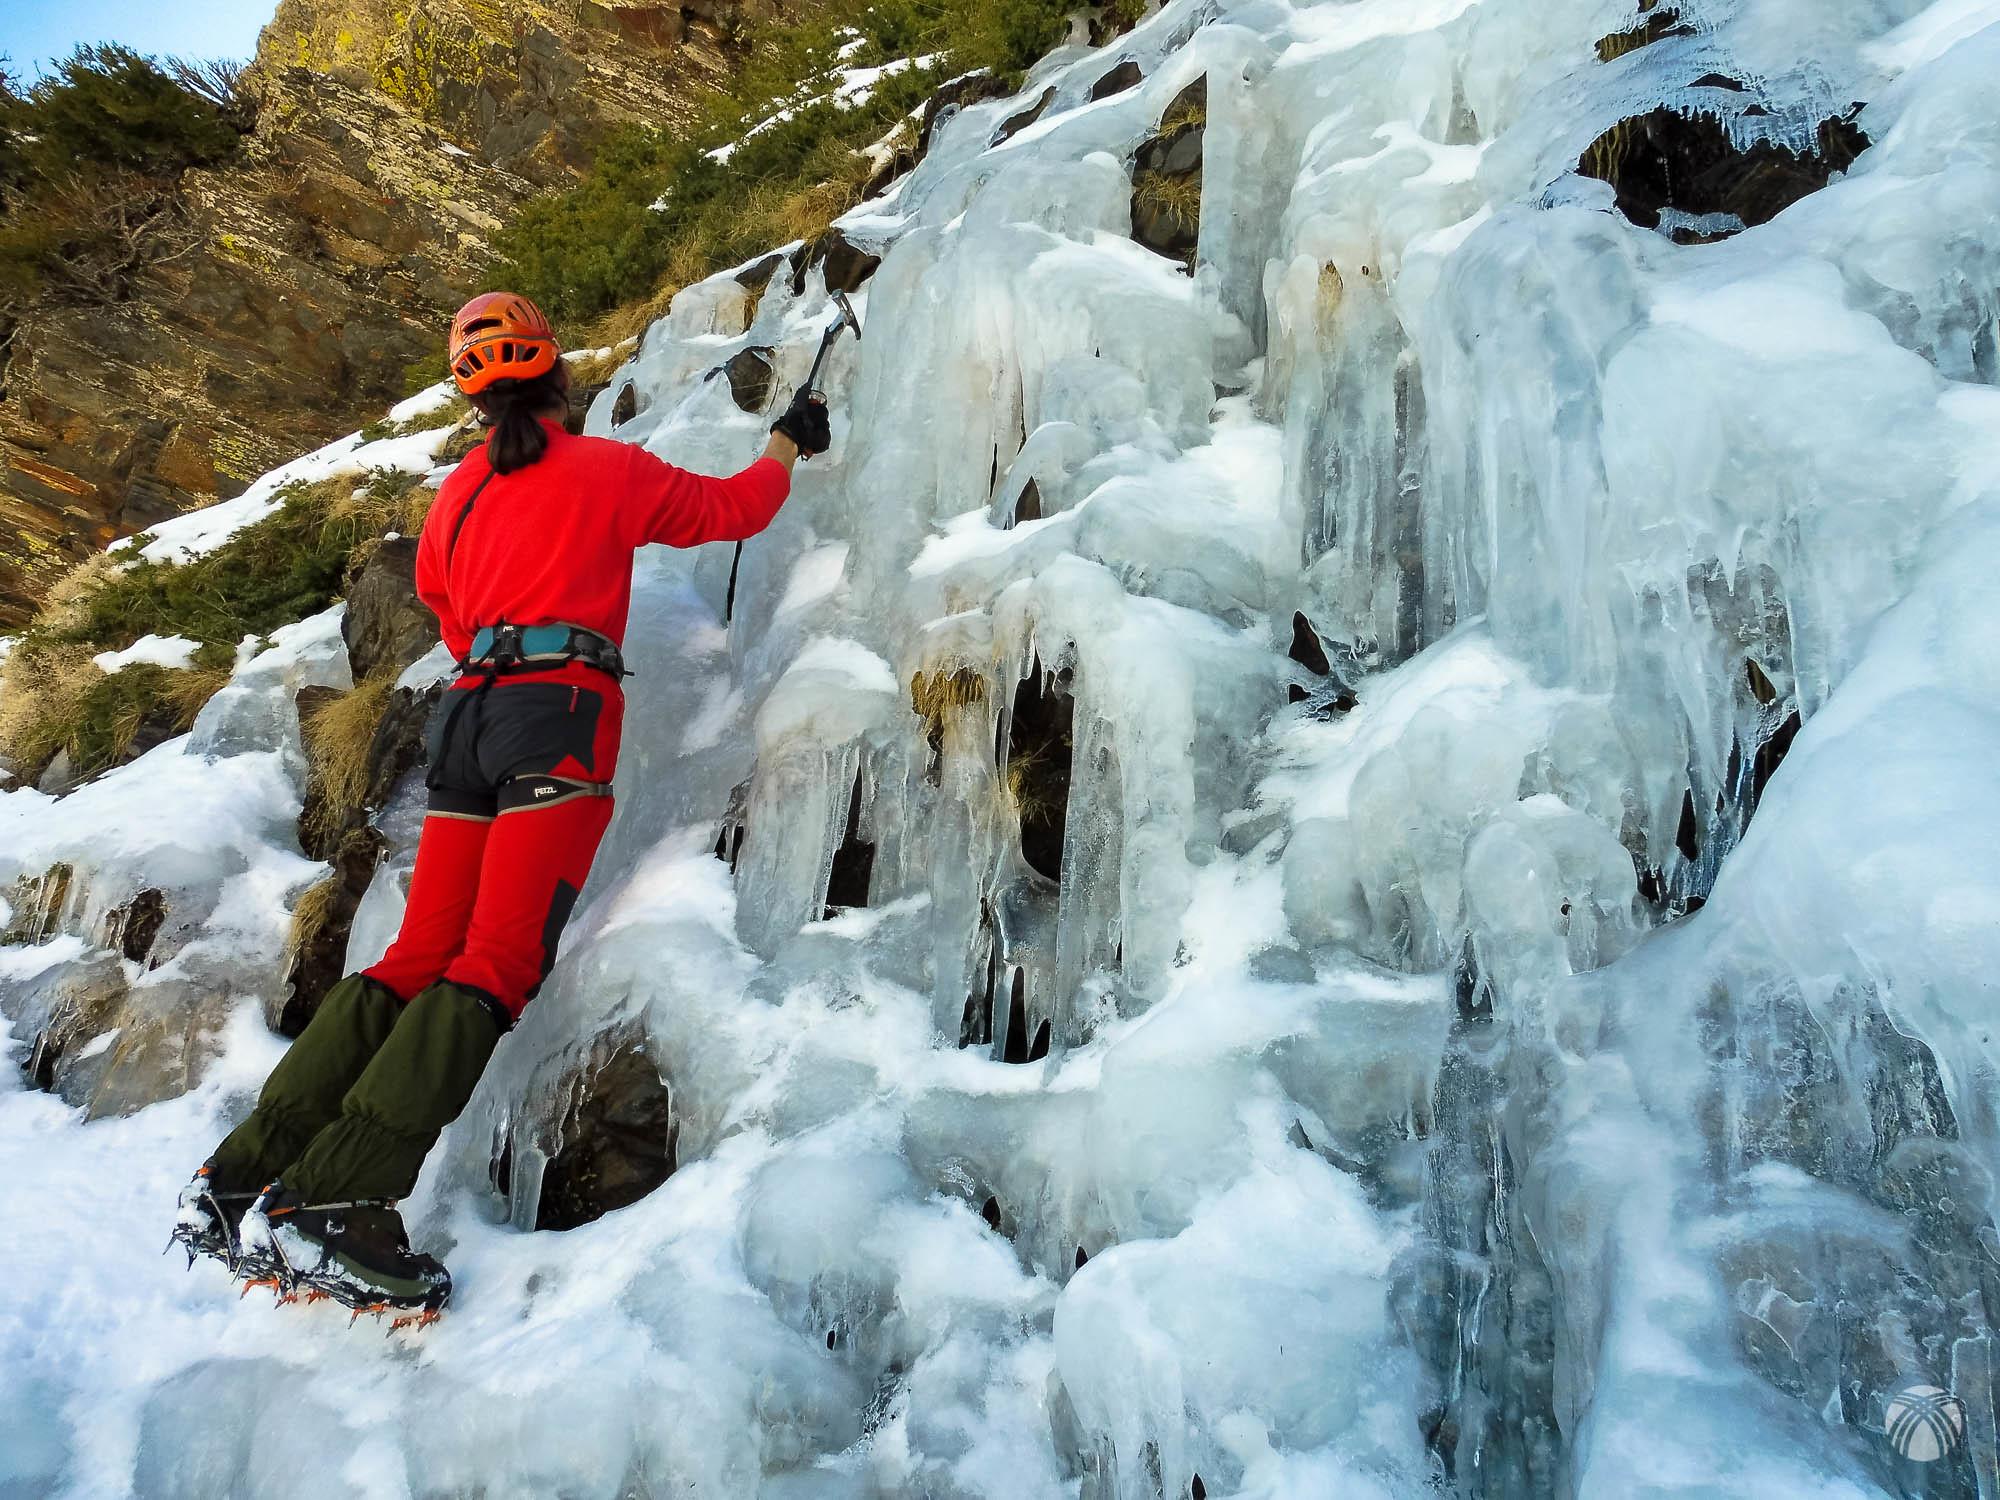 El hielo escasea y la temperatura es alta